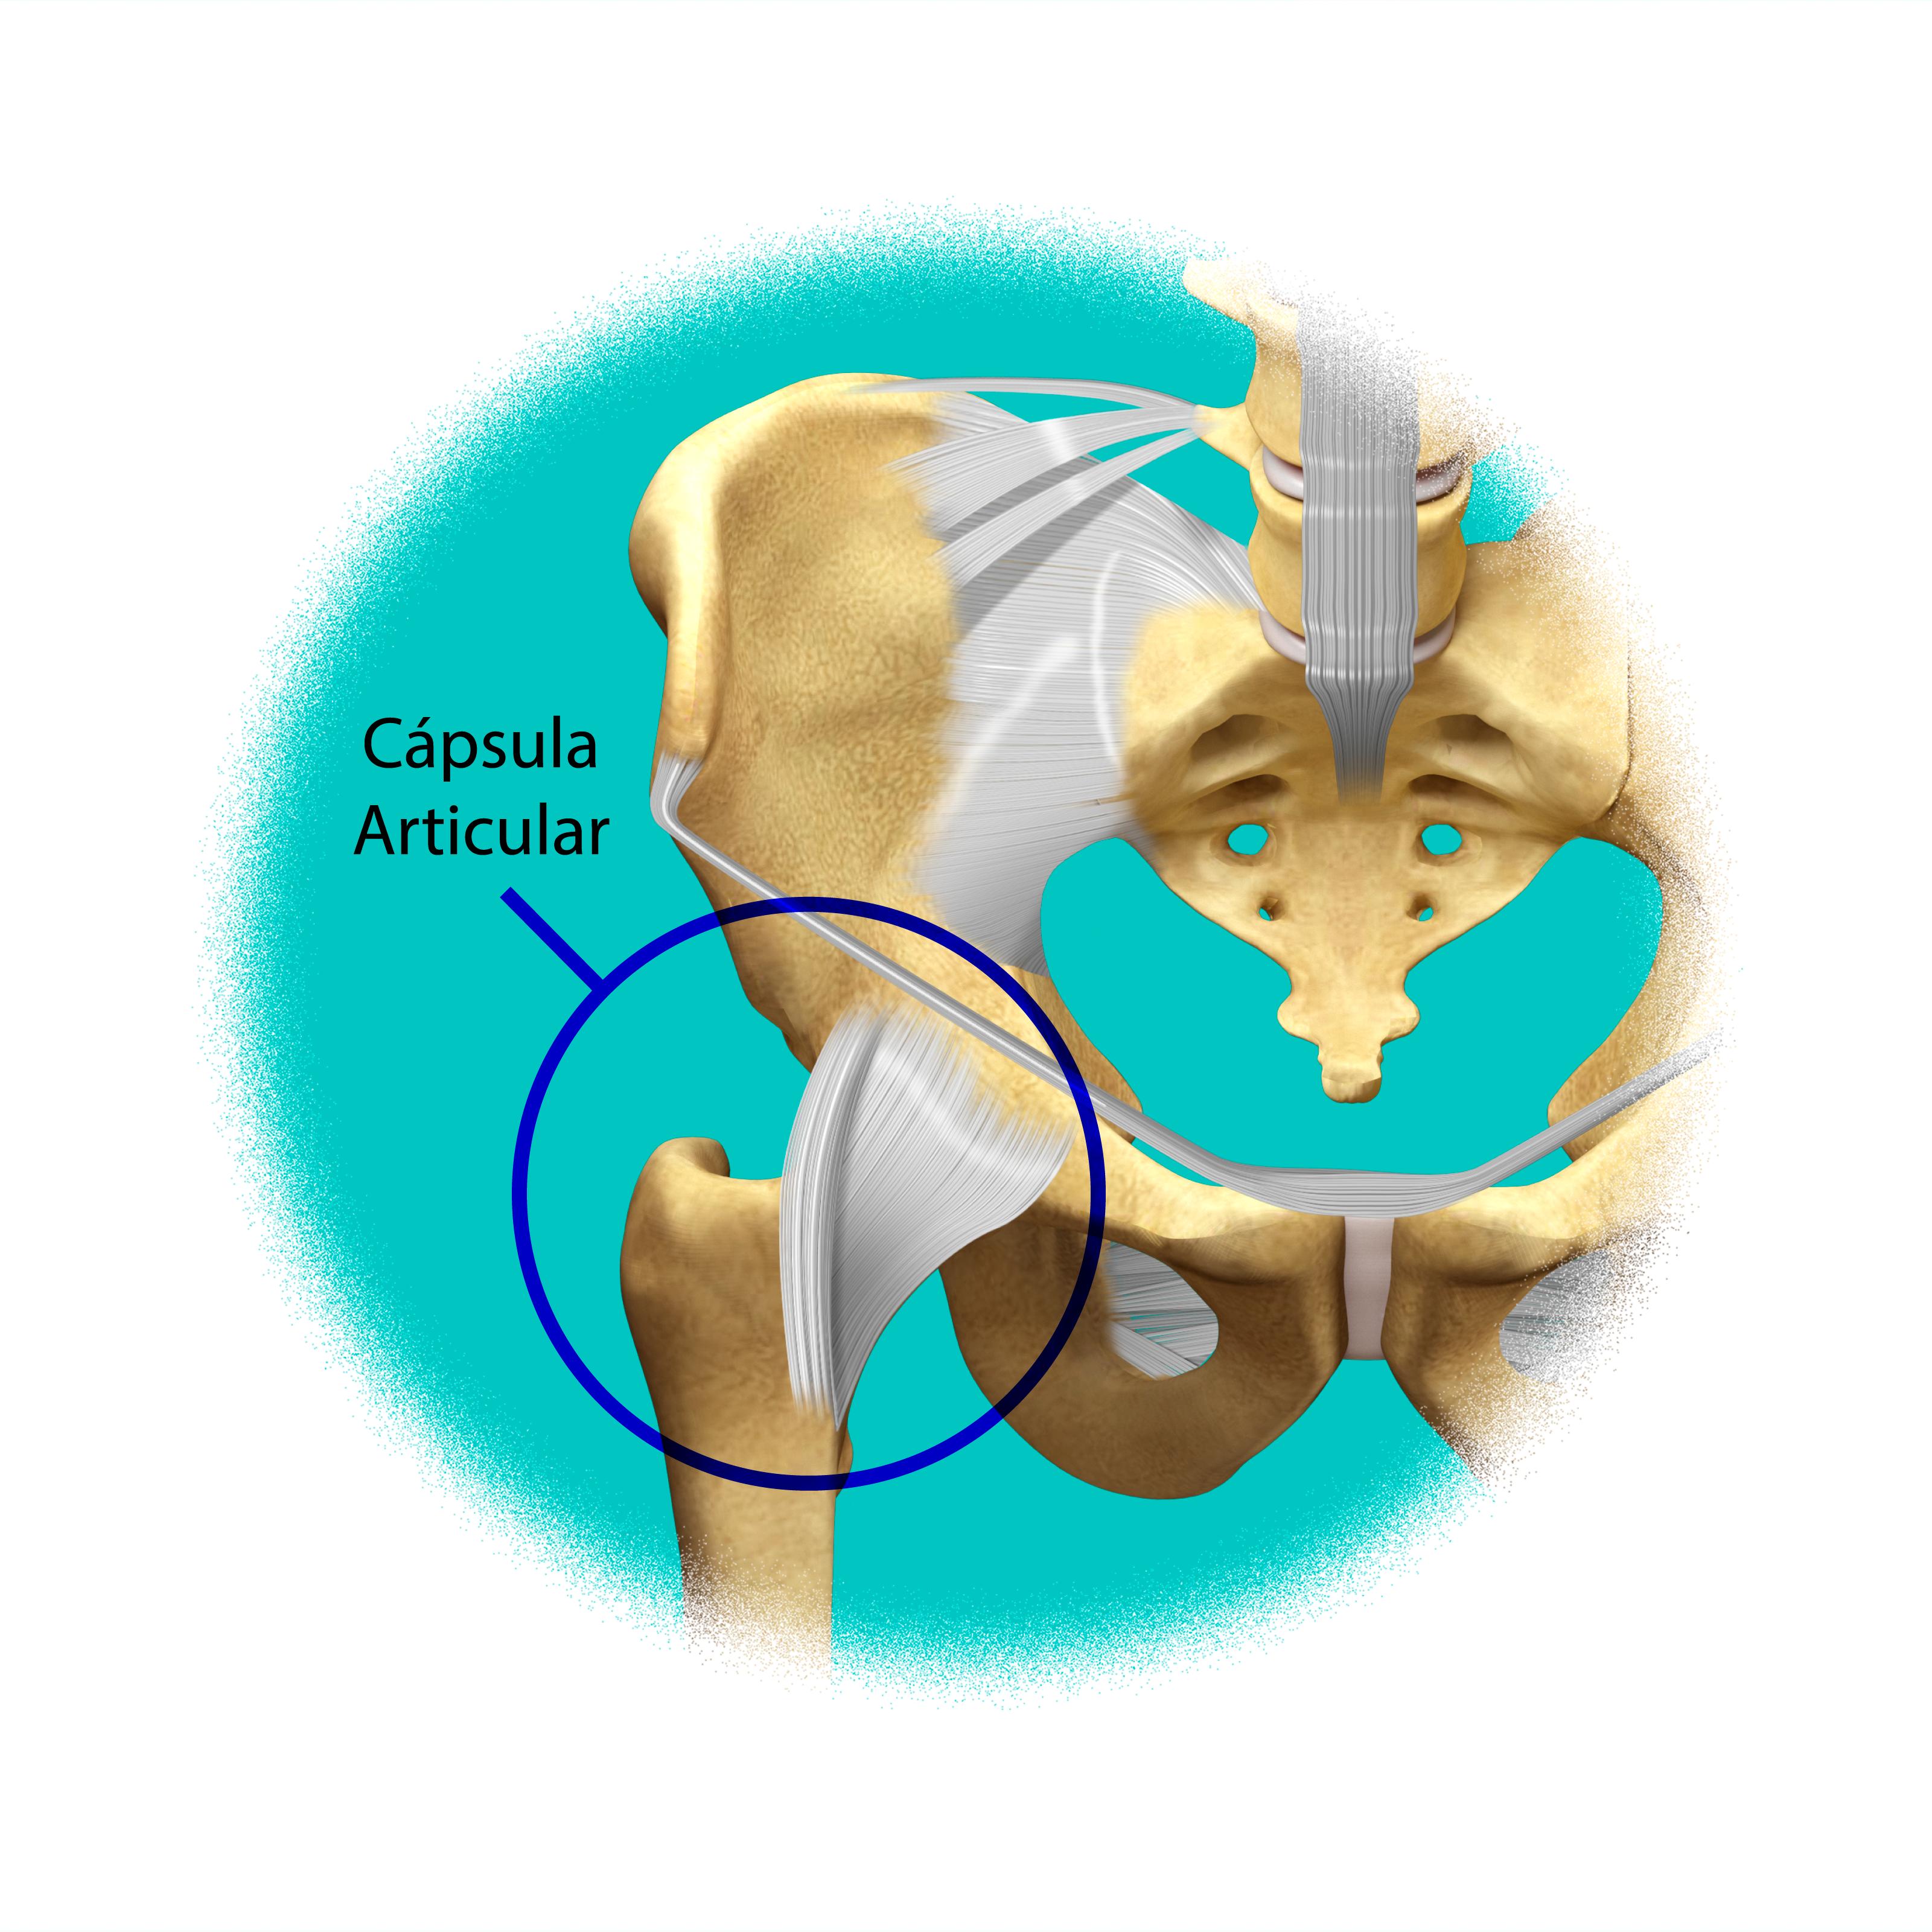 Cápsula articular de la cadera